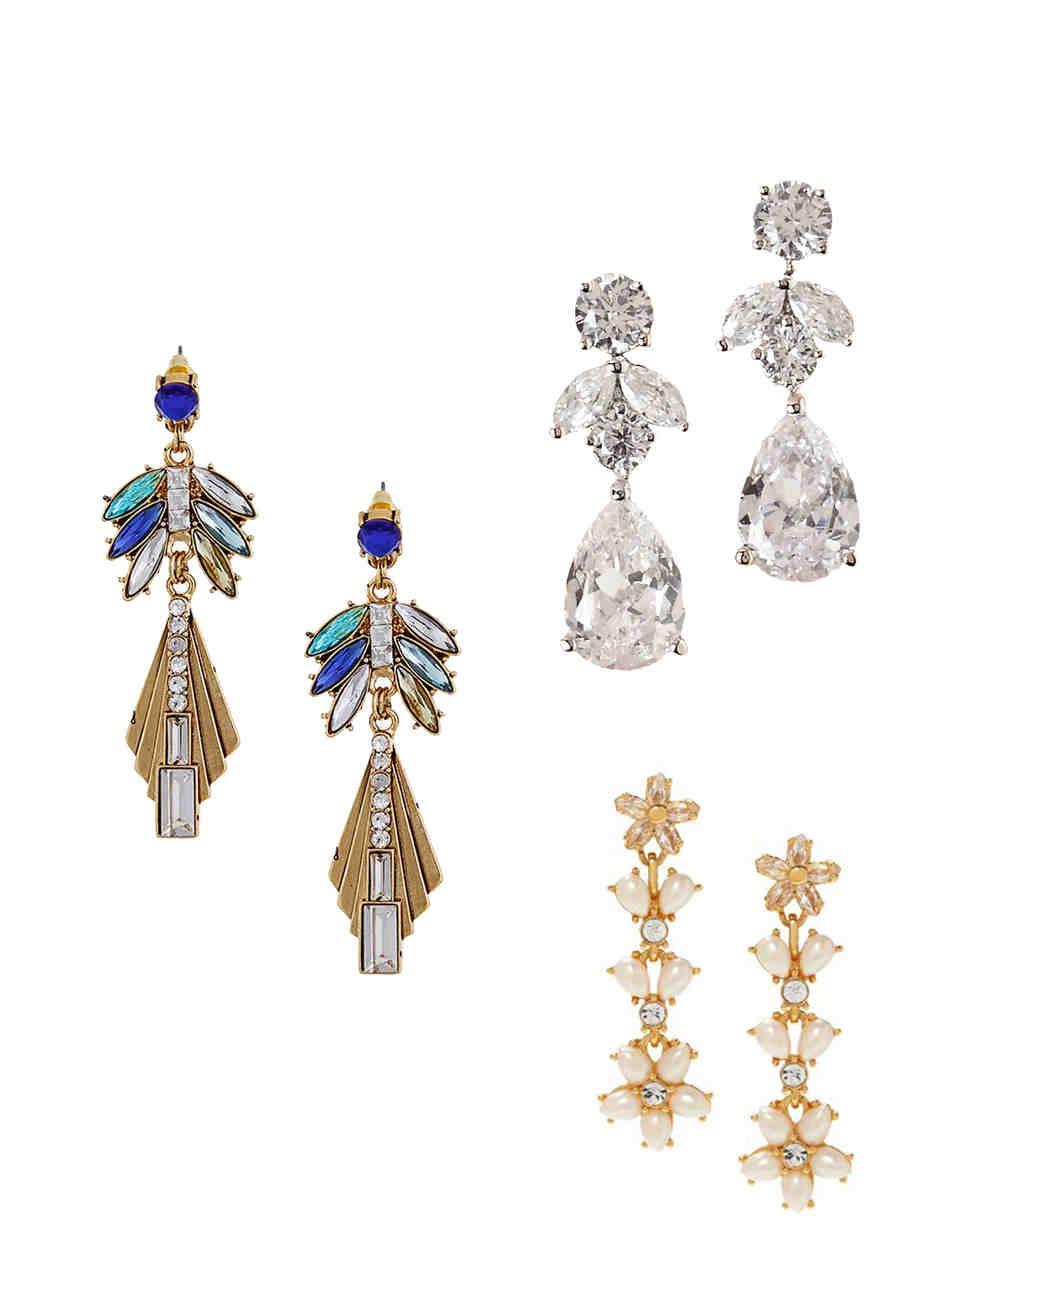 bridal-accessories-under-100-drop-earrings-0714.jpg